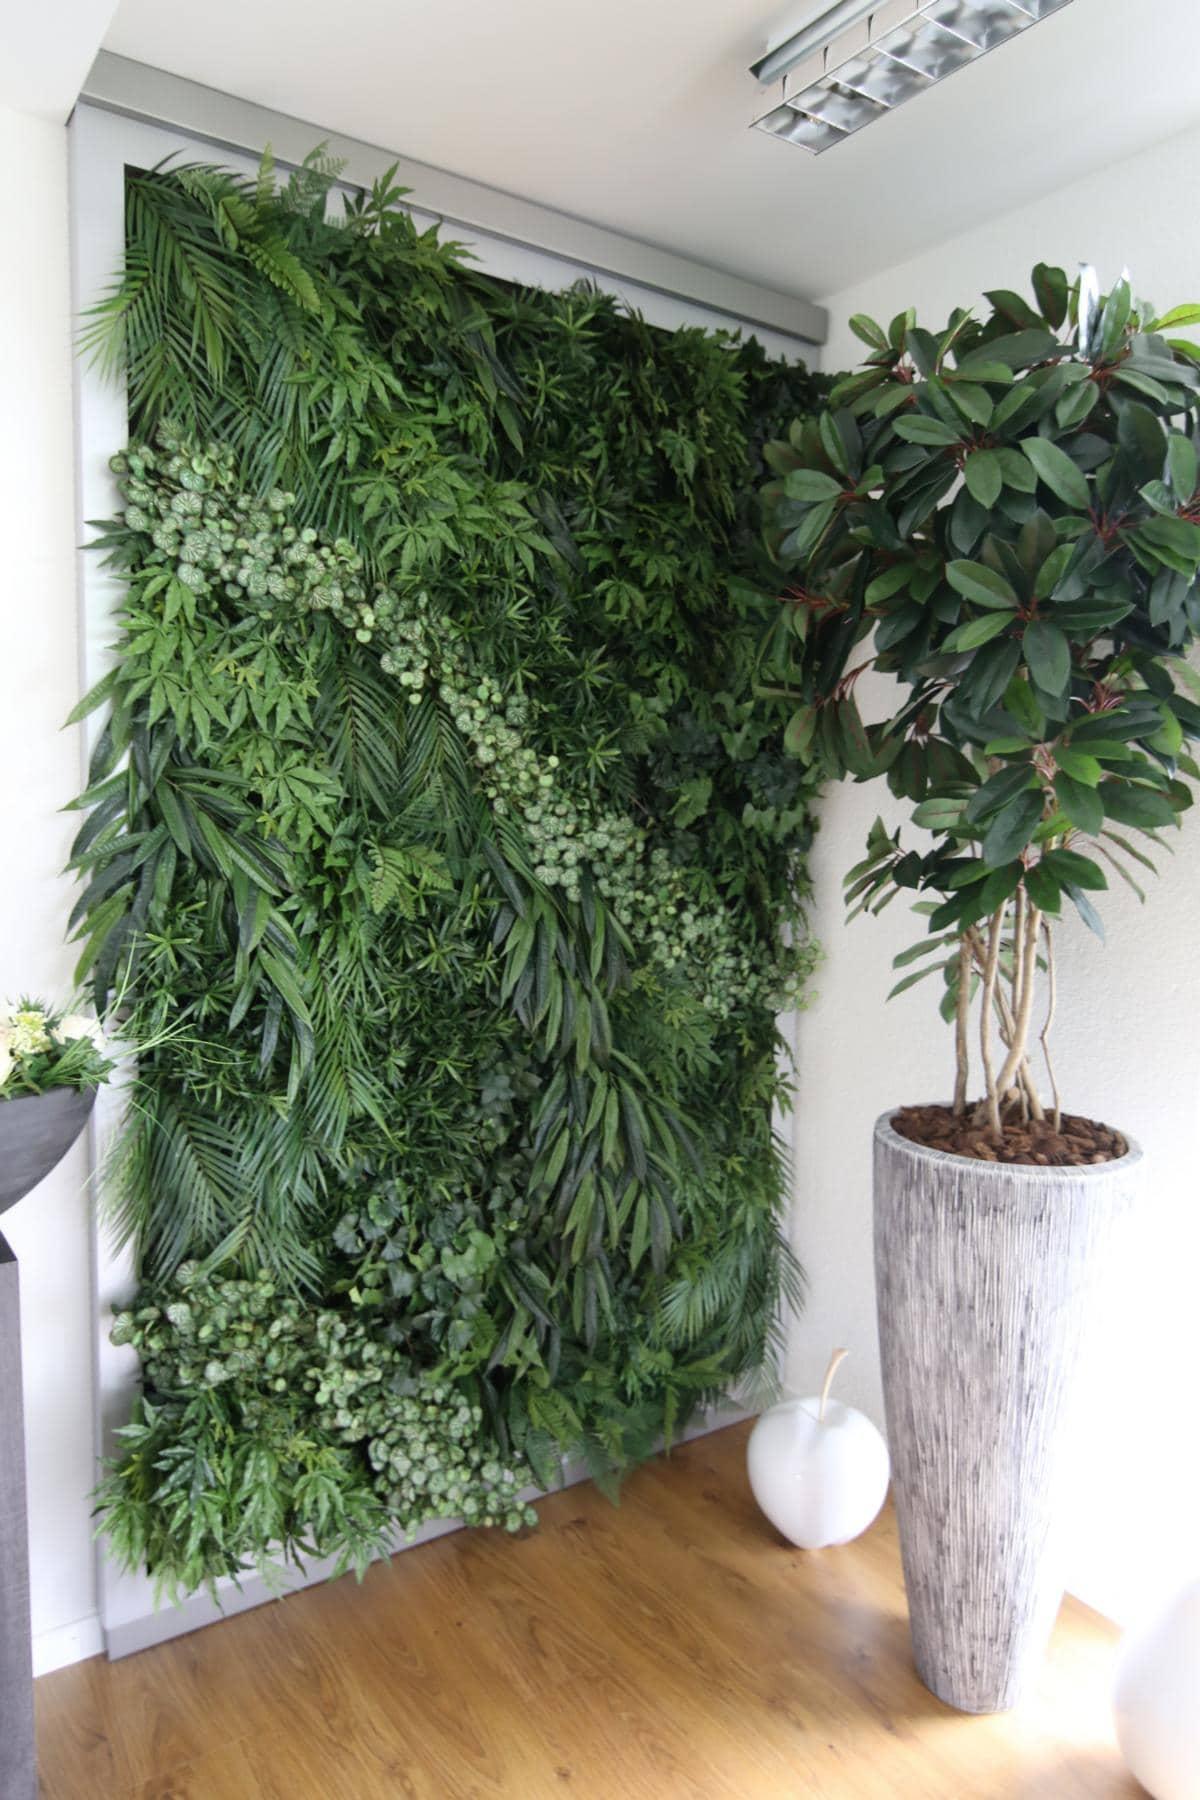 Künstliche Pflanzenwand und Topf mit Pflanze in einem Büro.